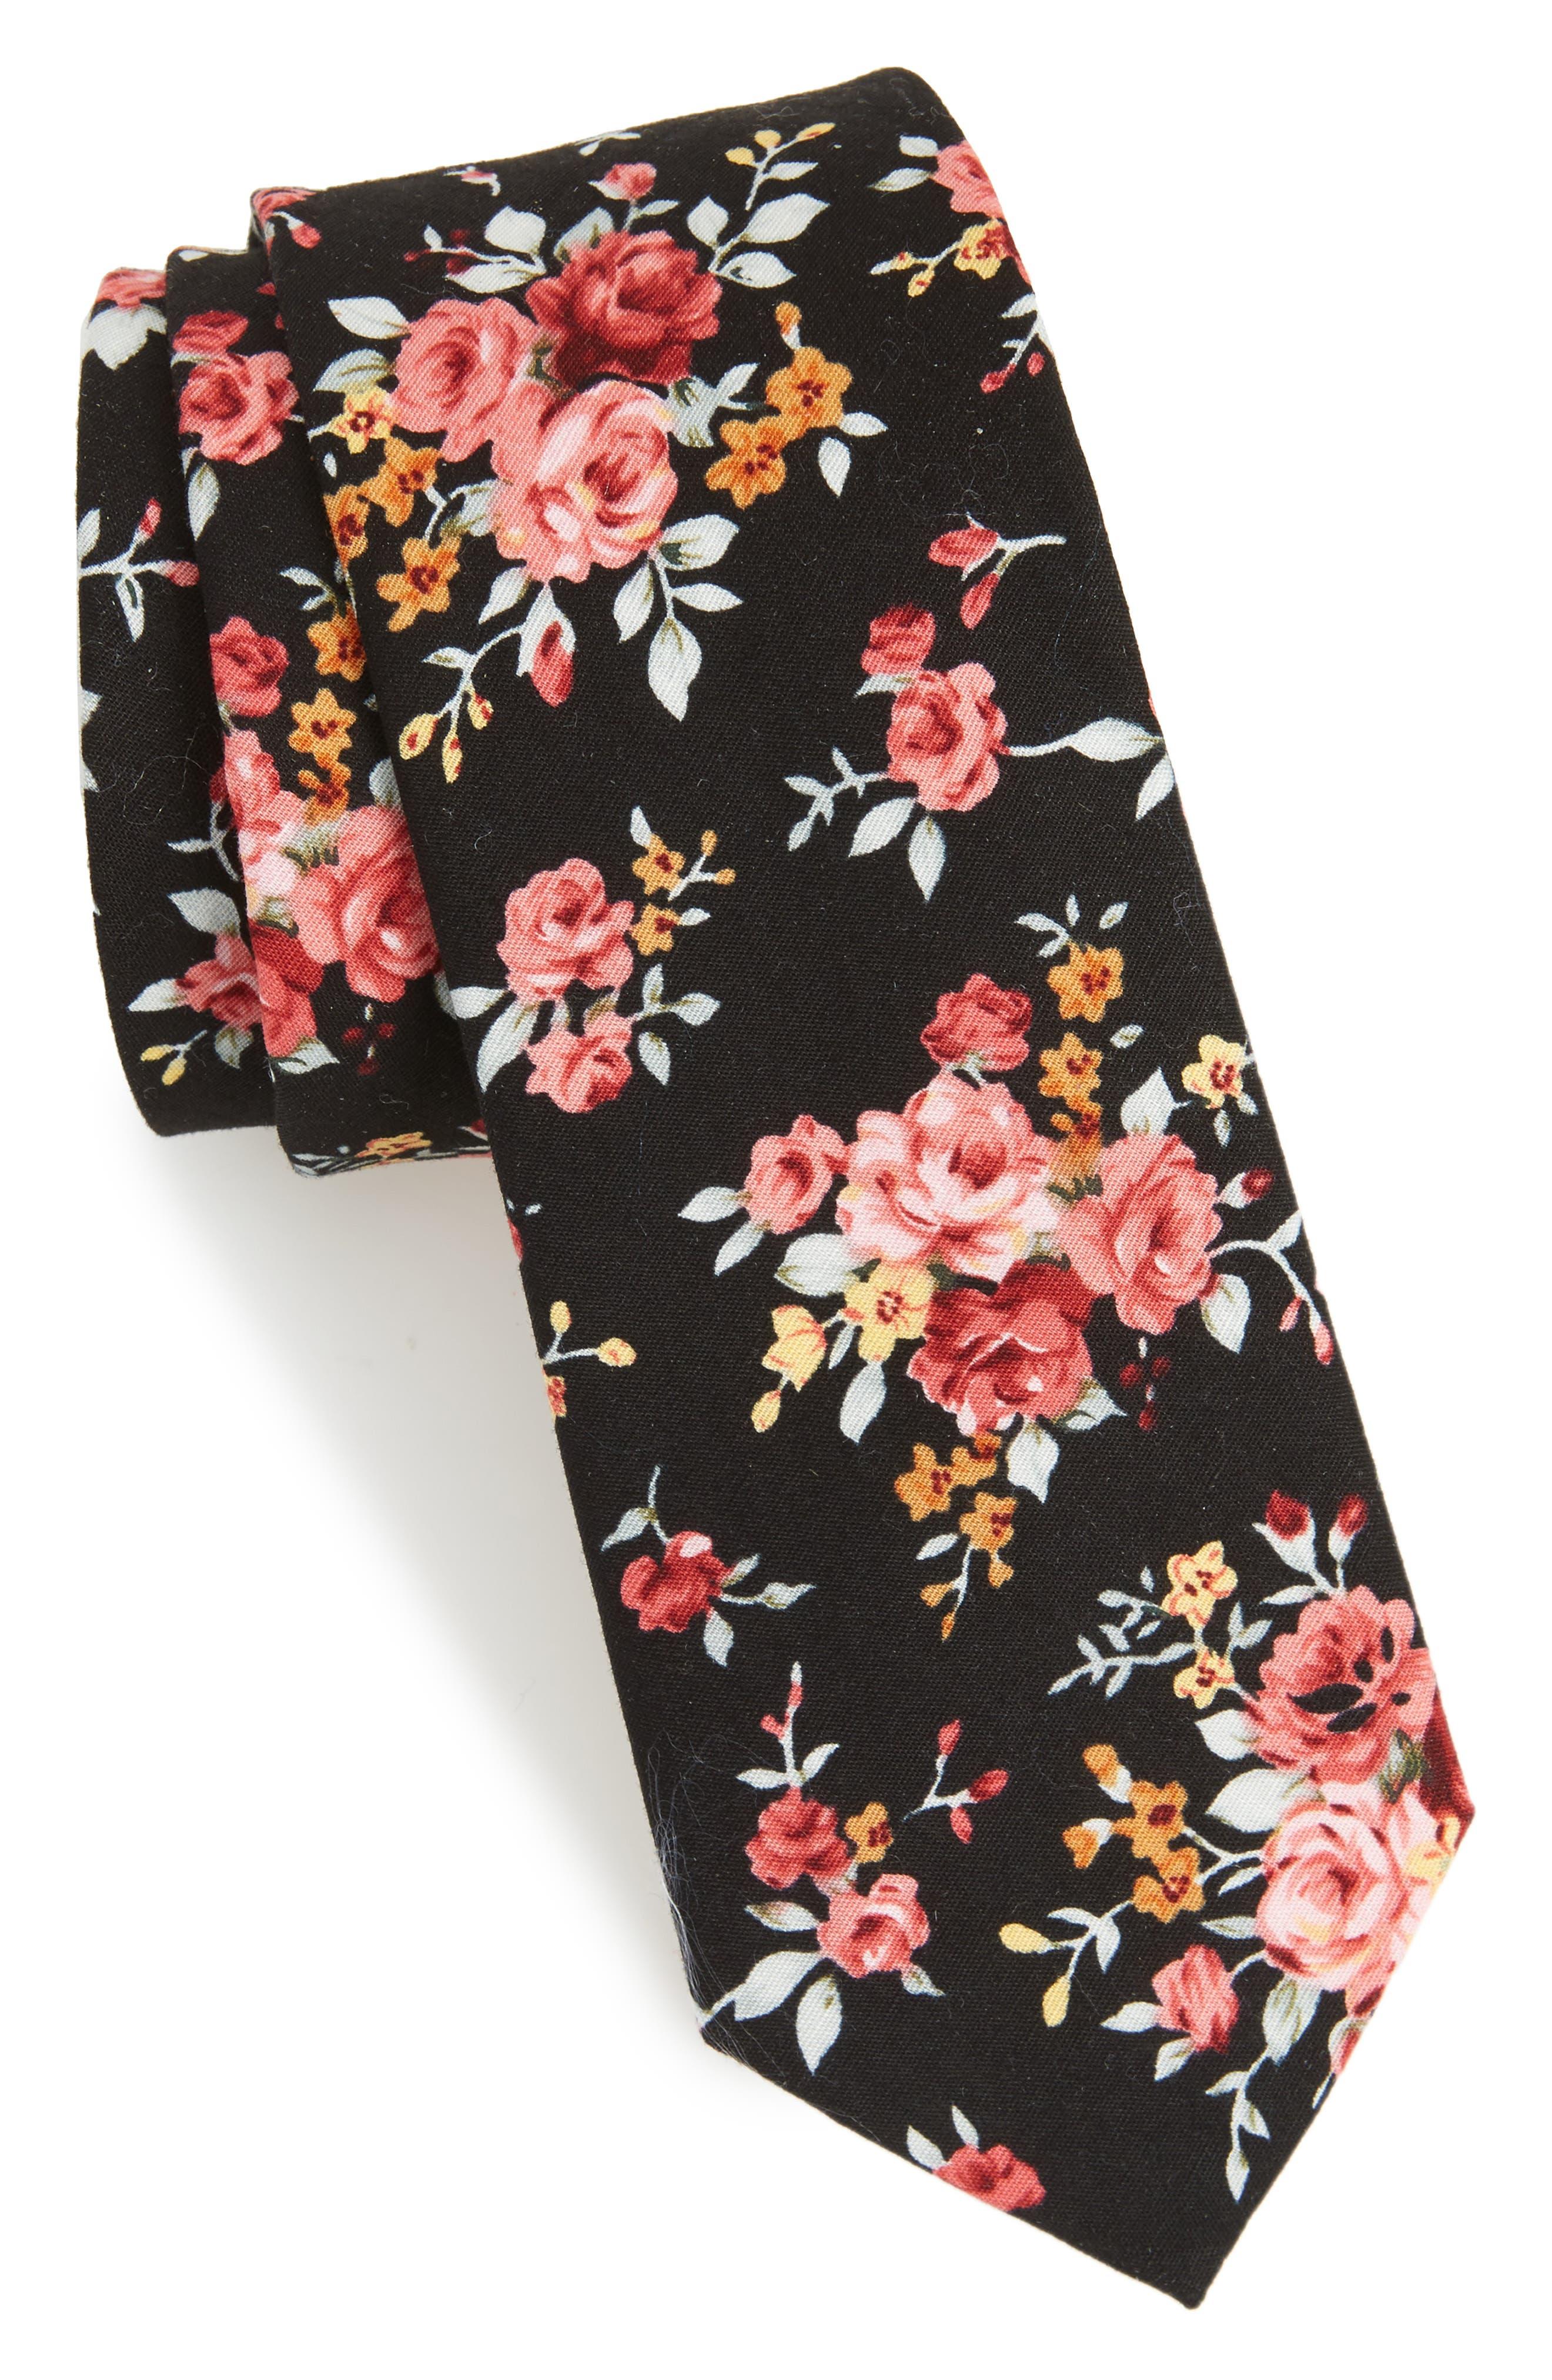 Main Image - 1901 Knapp Floral Cotton Tie